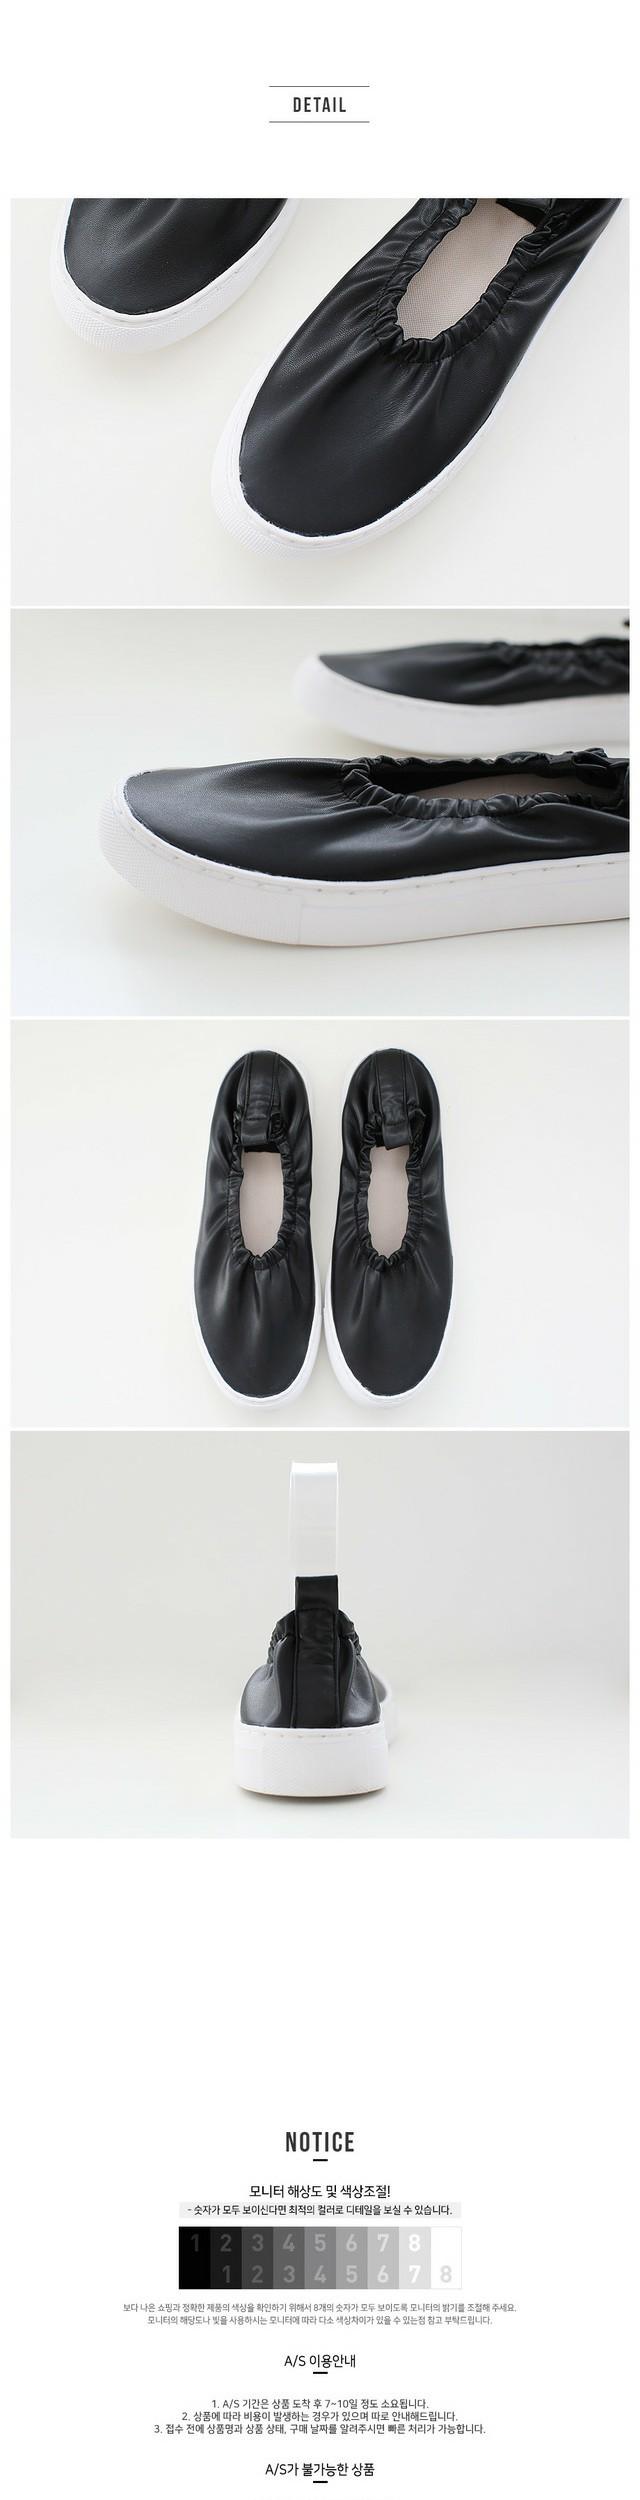 Feet Bending Slip-On 2.5cm